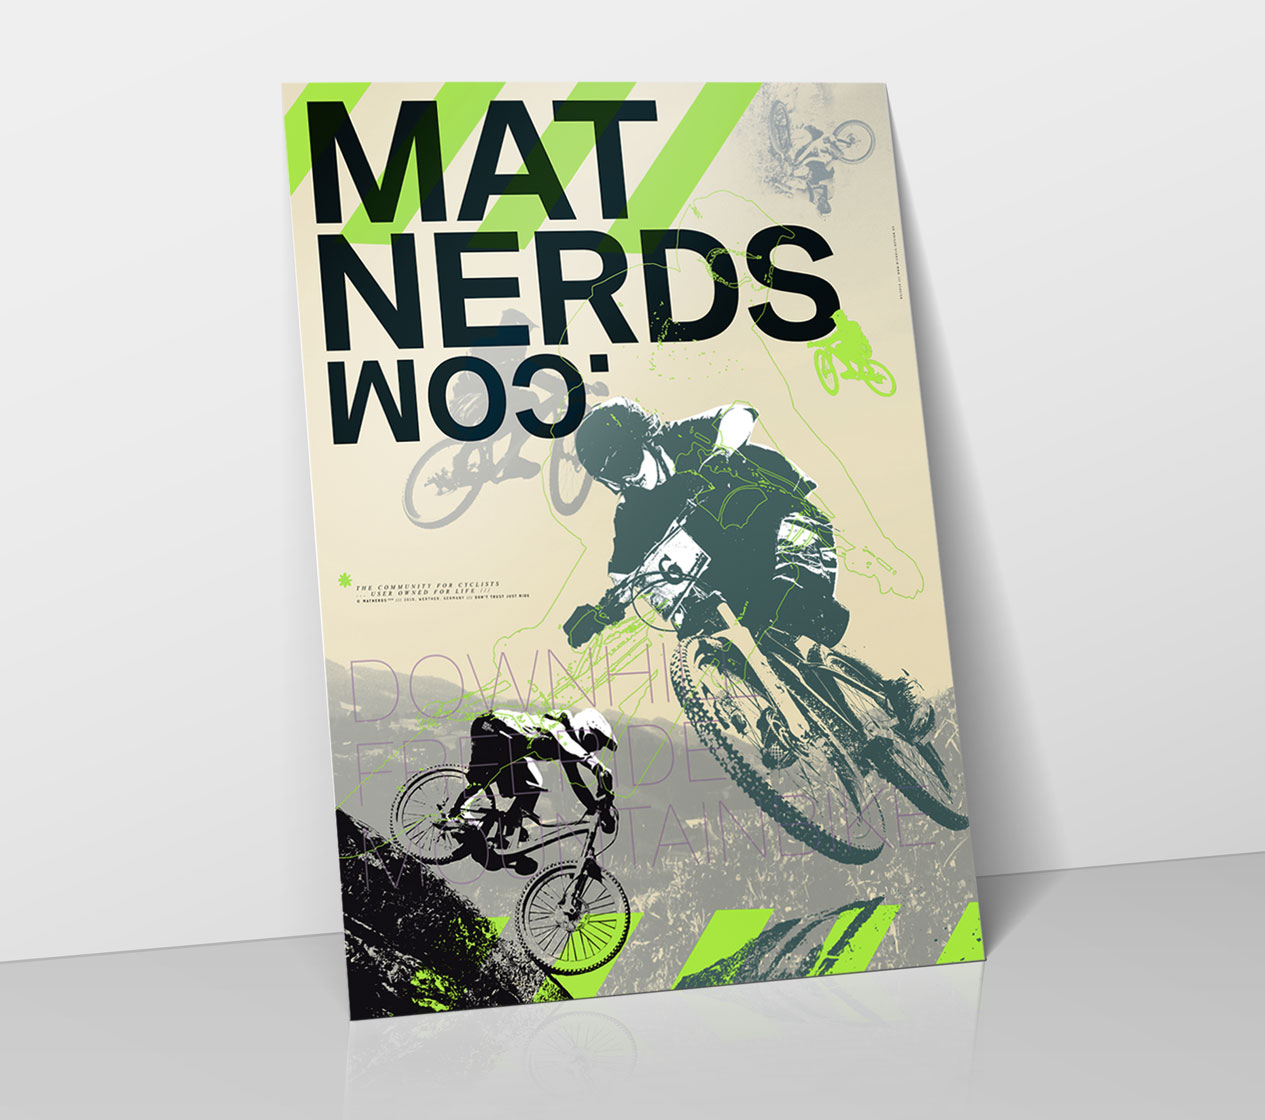 ND_Matnerds_01